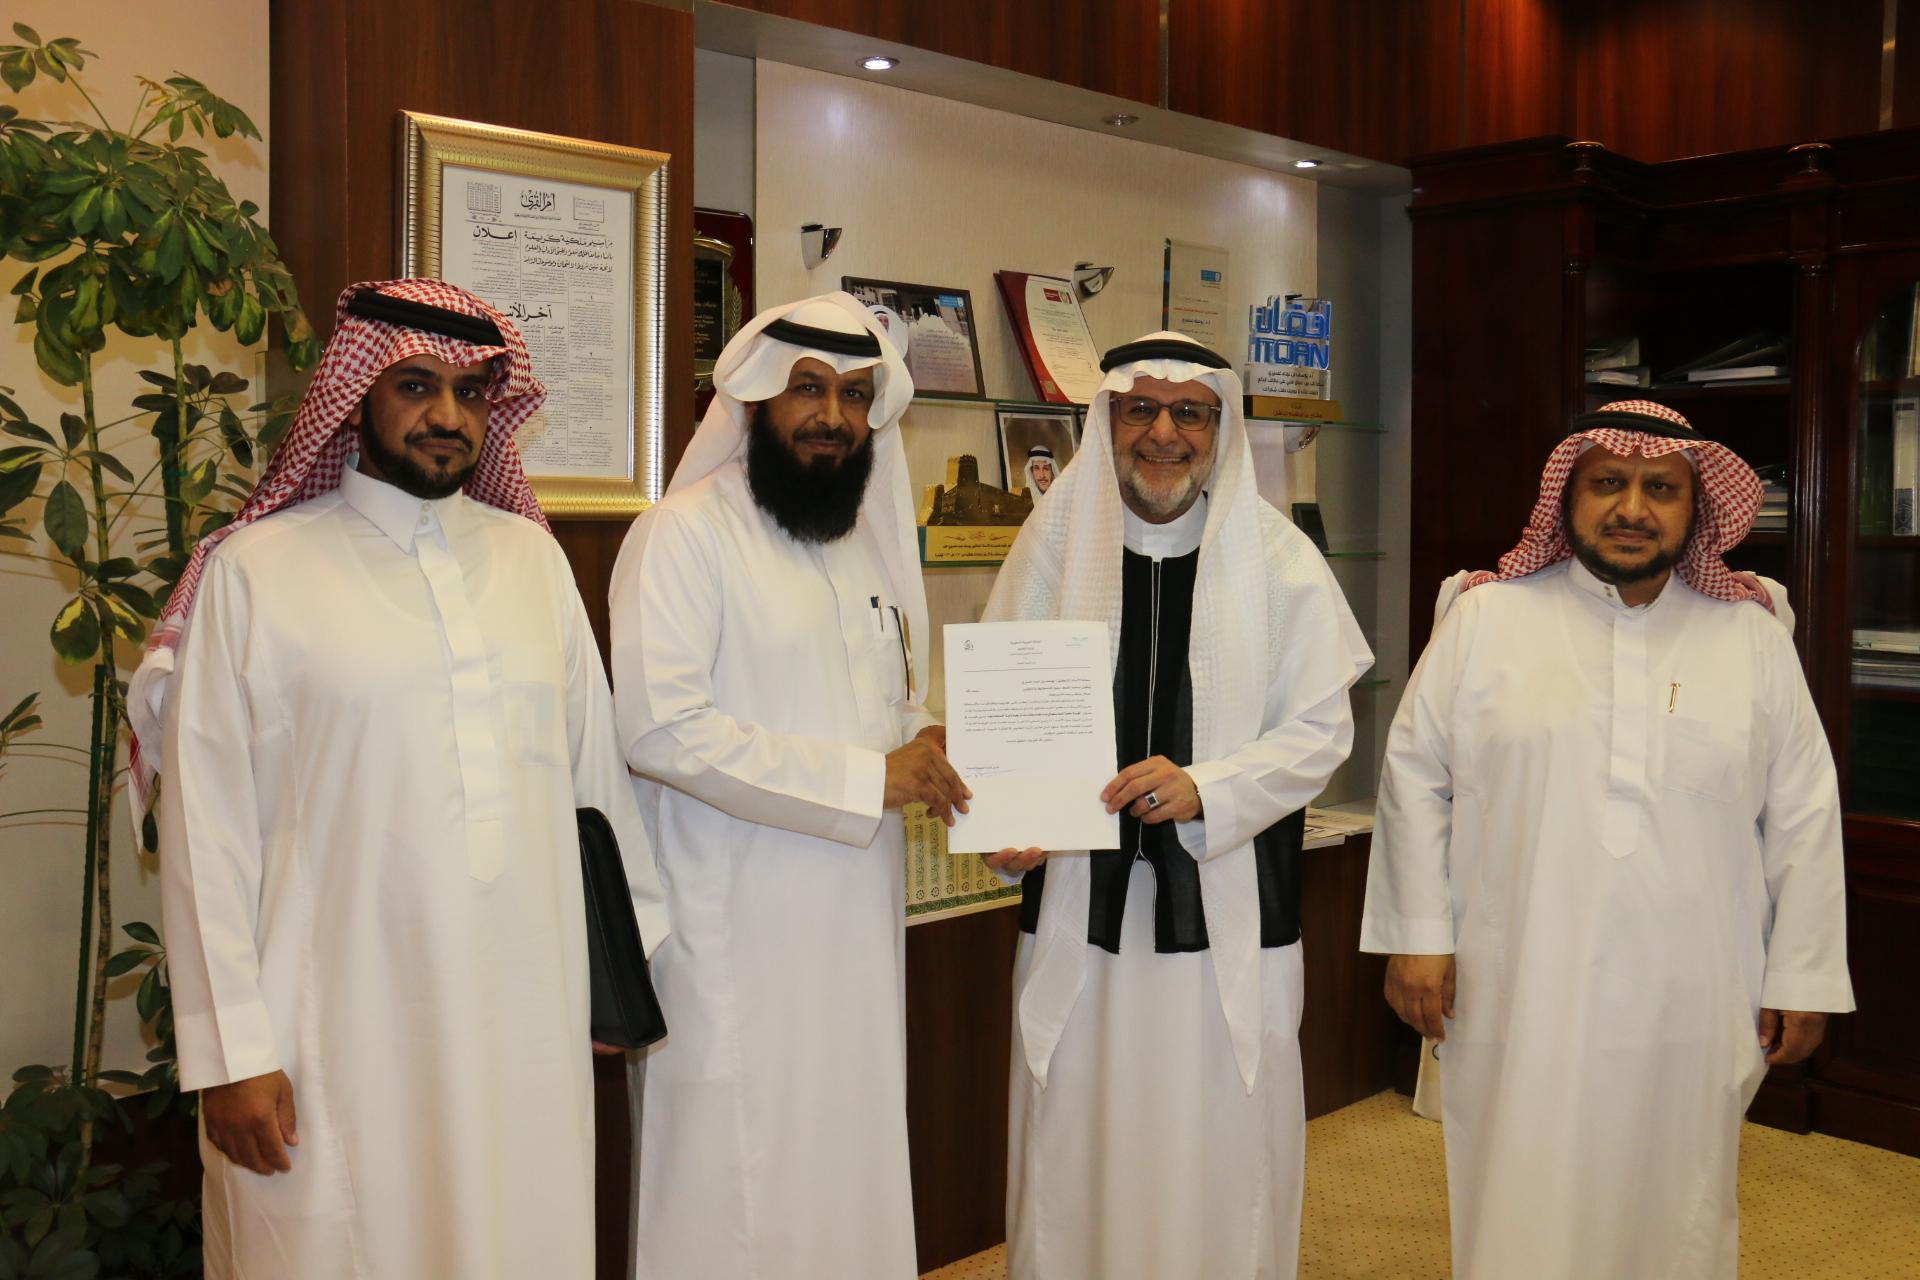 التخطيط والتطوير تستقبل وفد إدارة الجودة الشاملة بتعليم الرياض